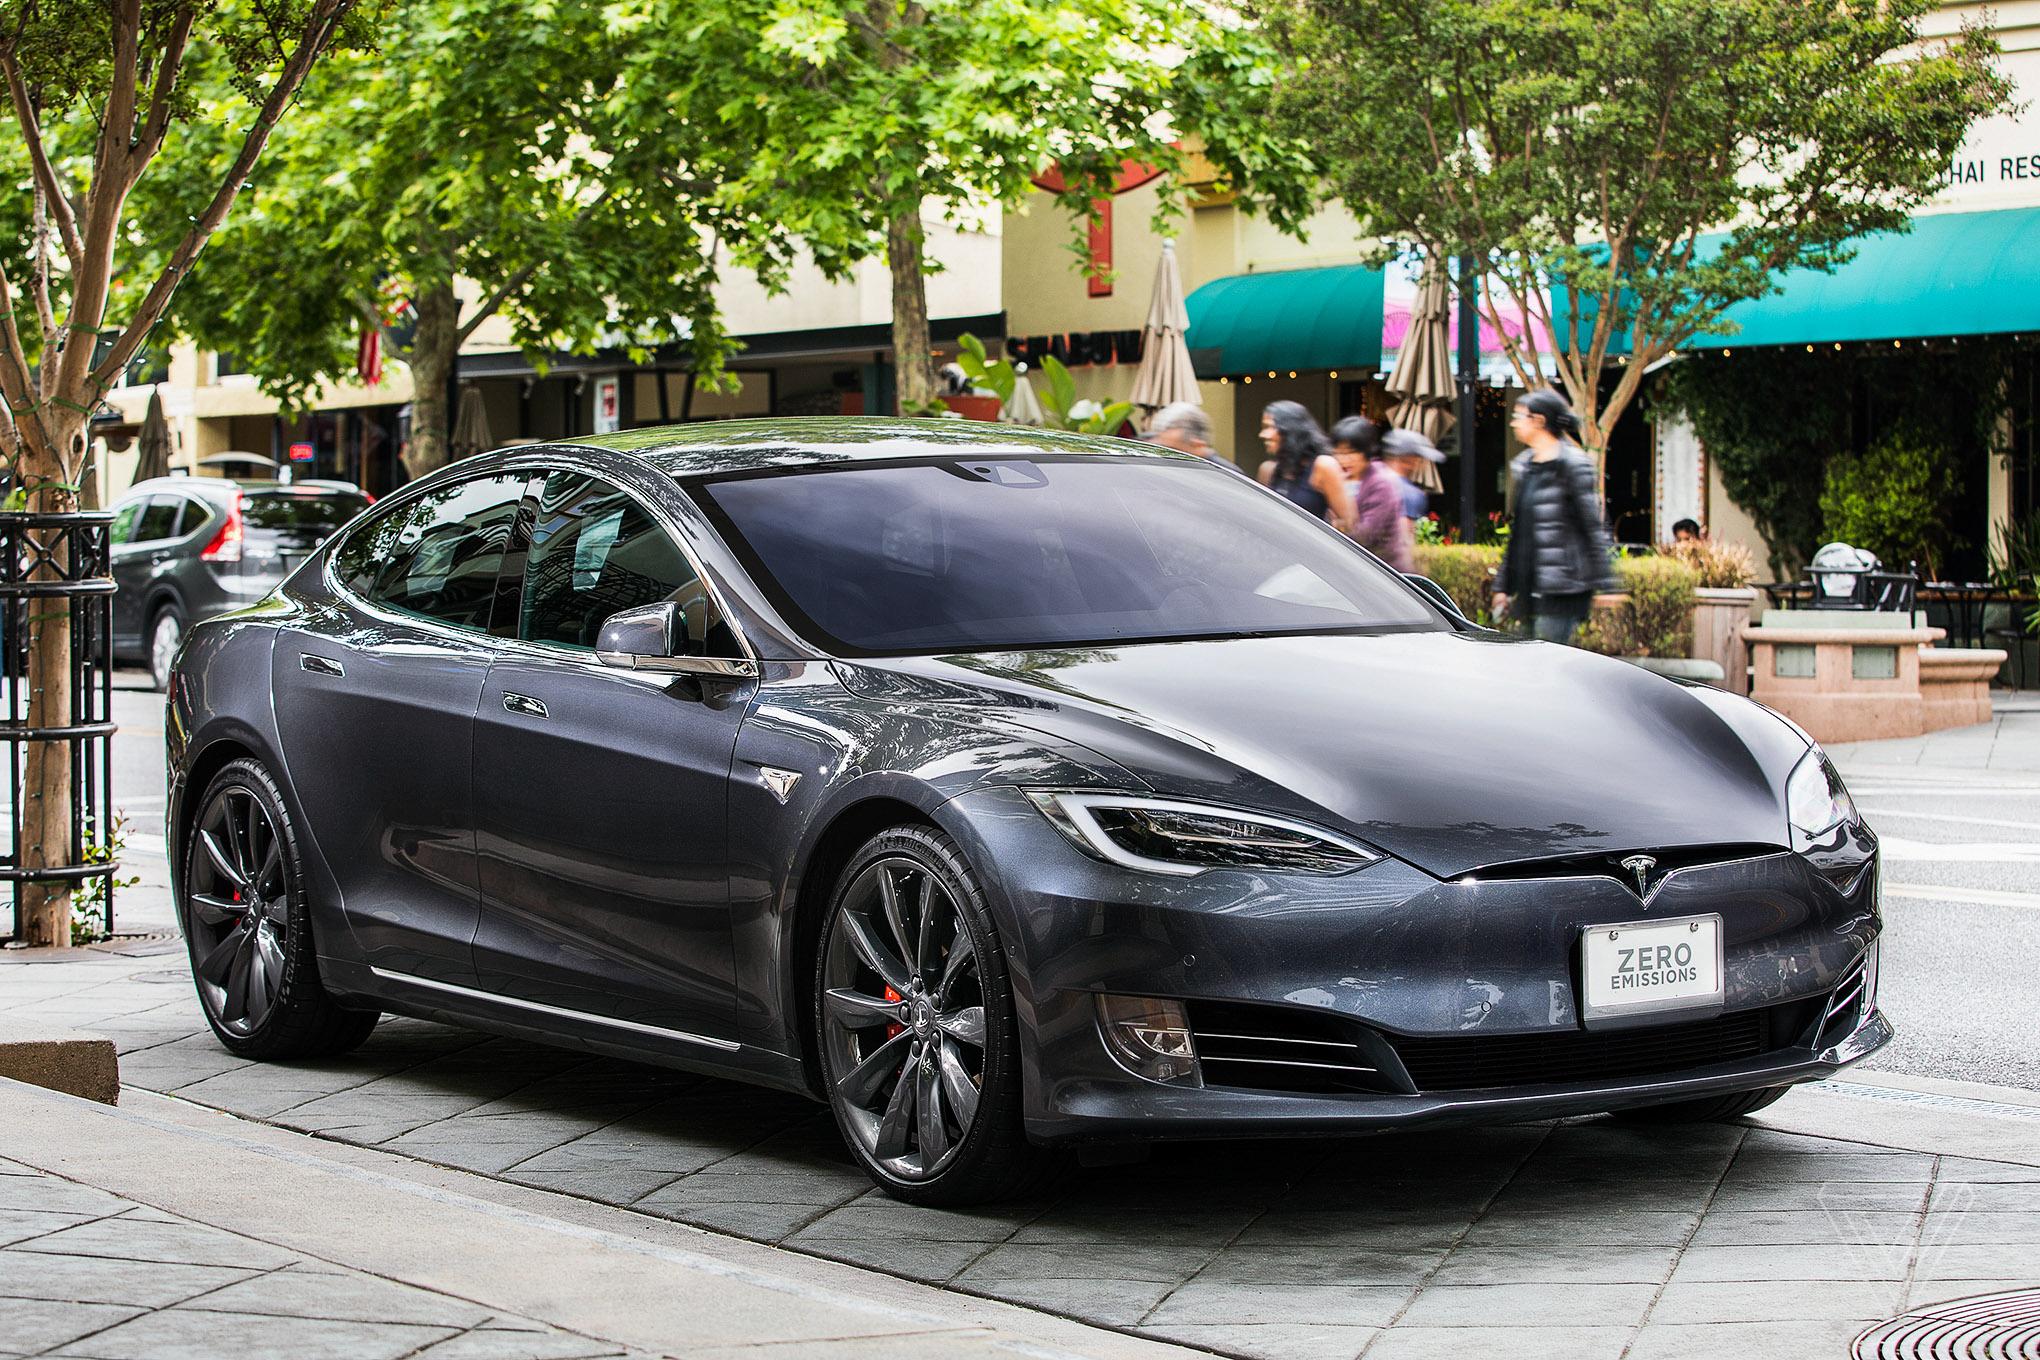 Автопилот Tesla признали виновным всерии смертельных ДТП